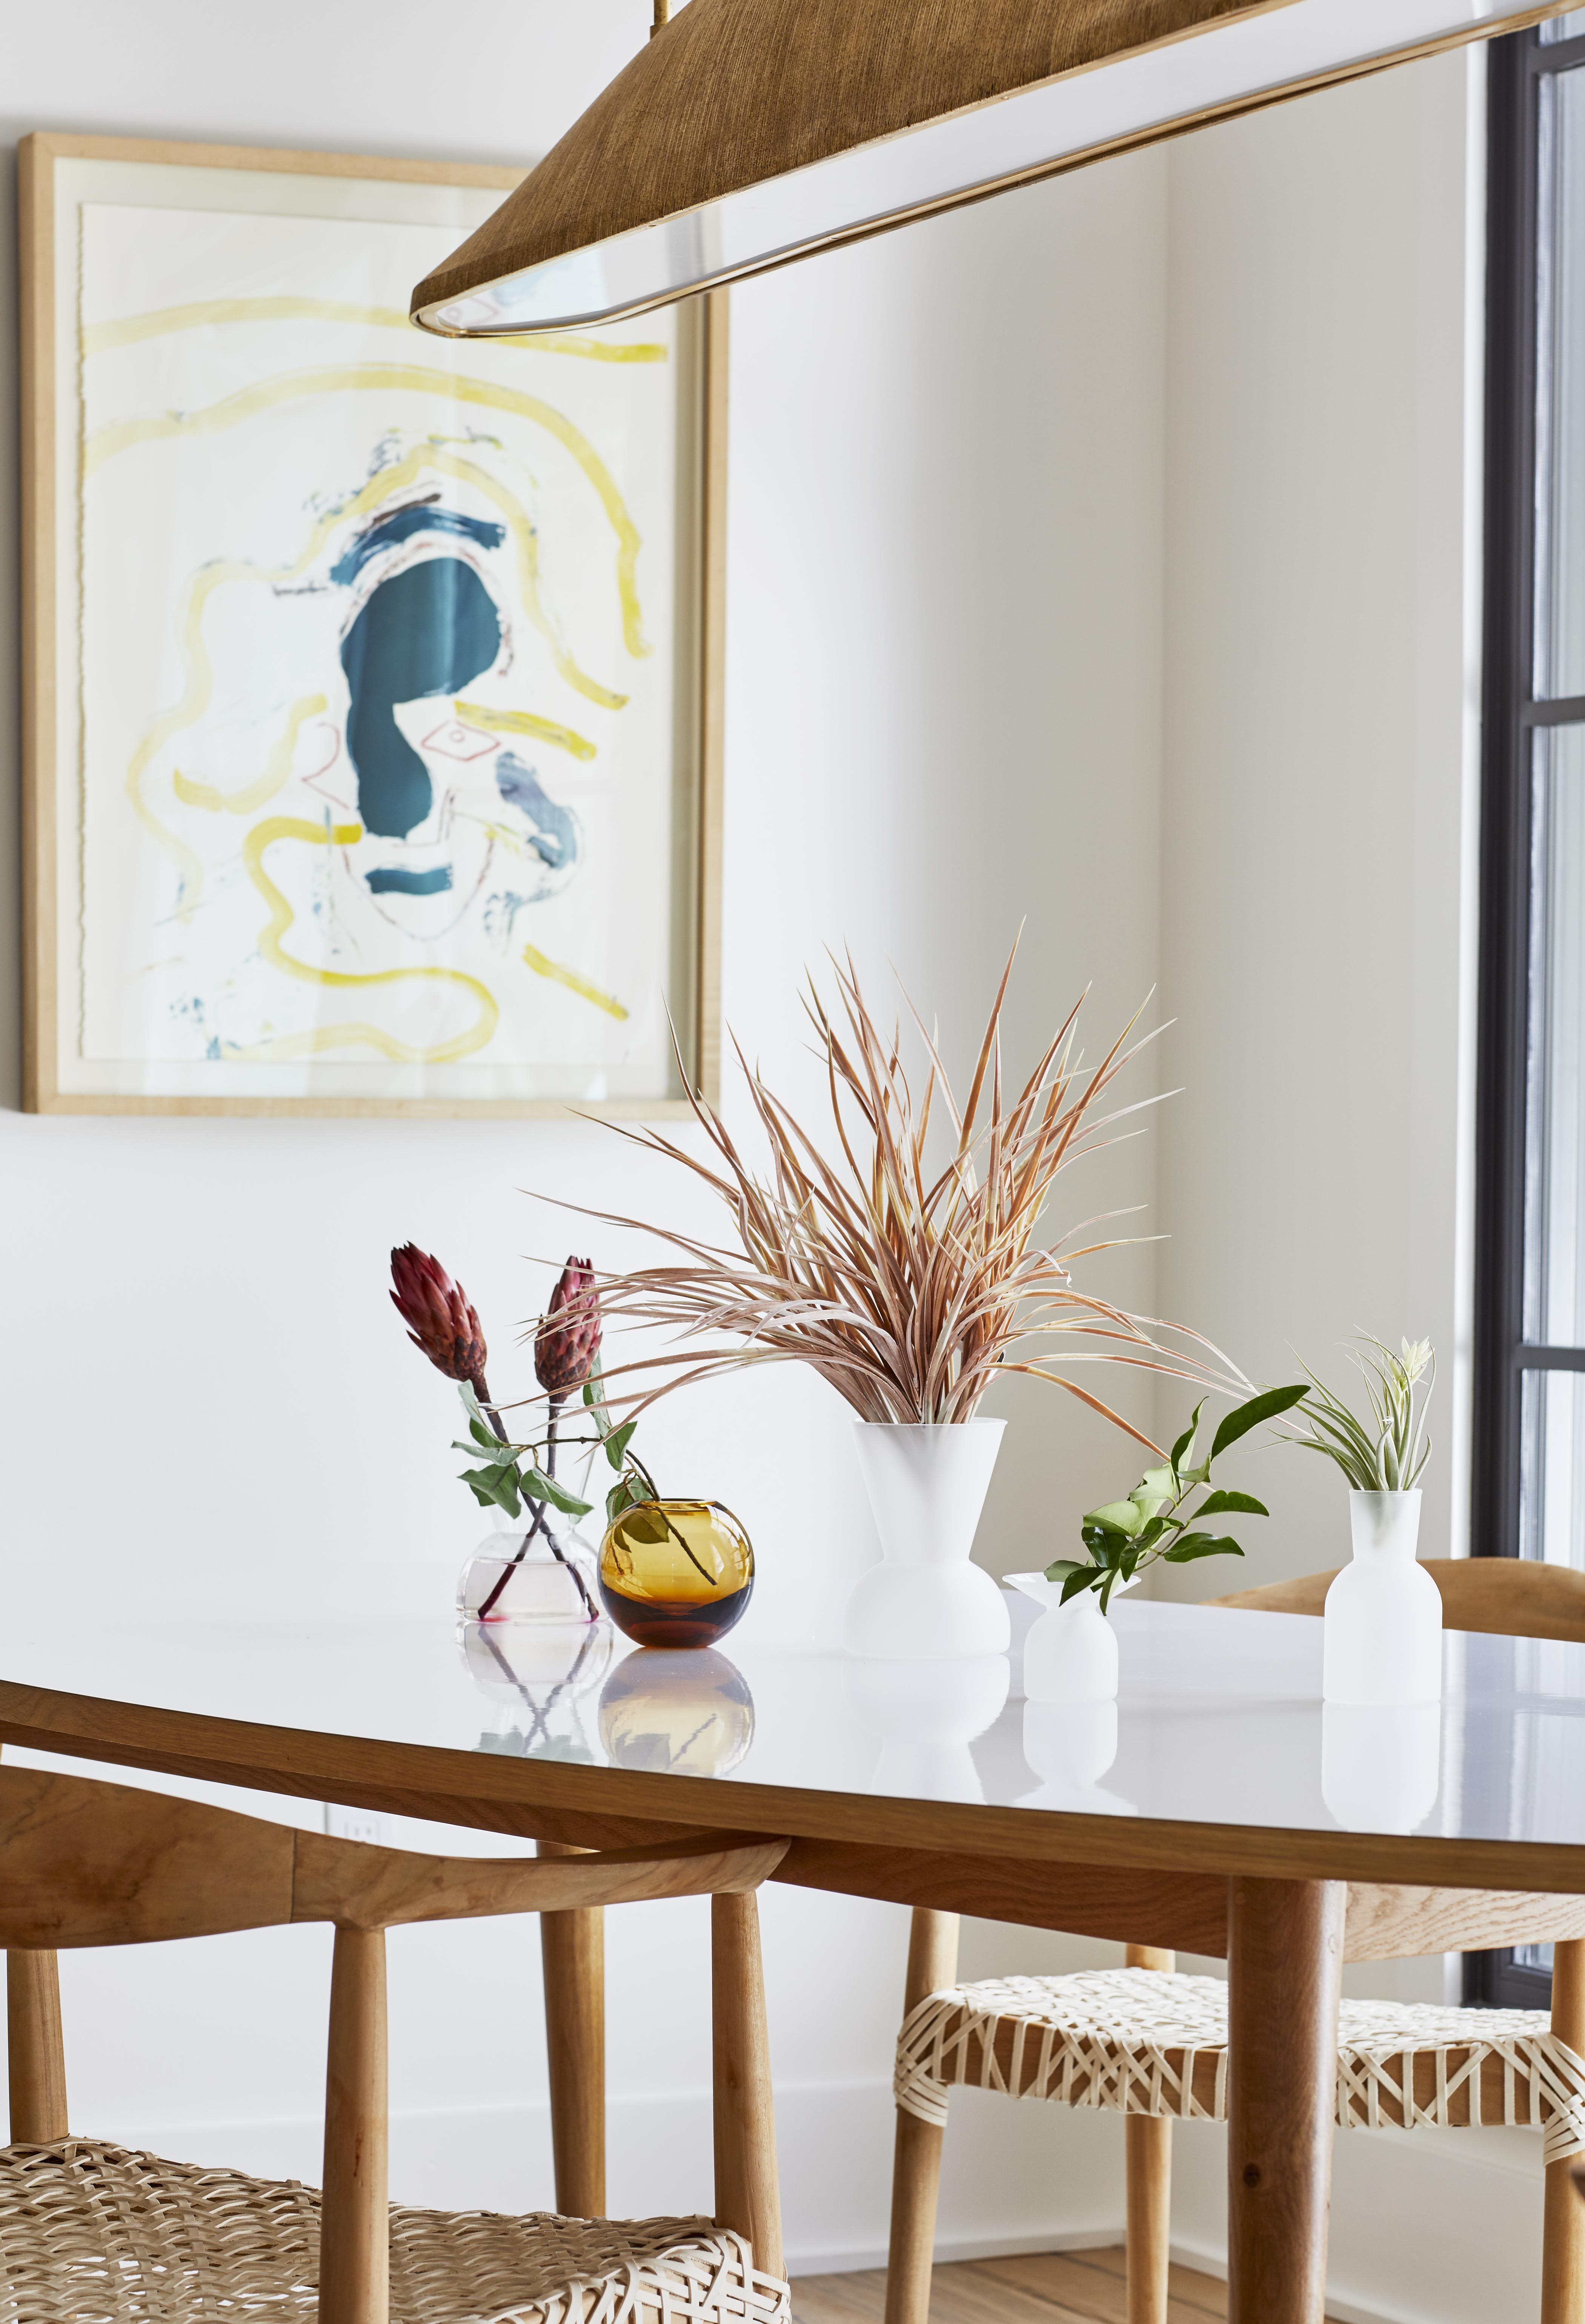 Breakfast Nook Details, Storyteller, Home Design - Valerie Legras Atelier